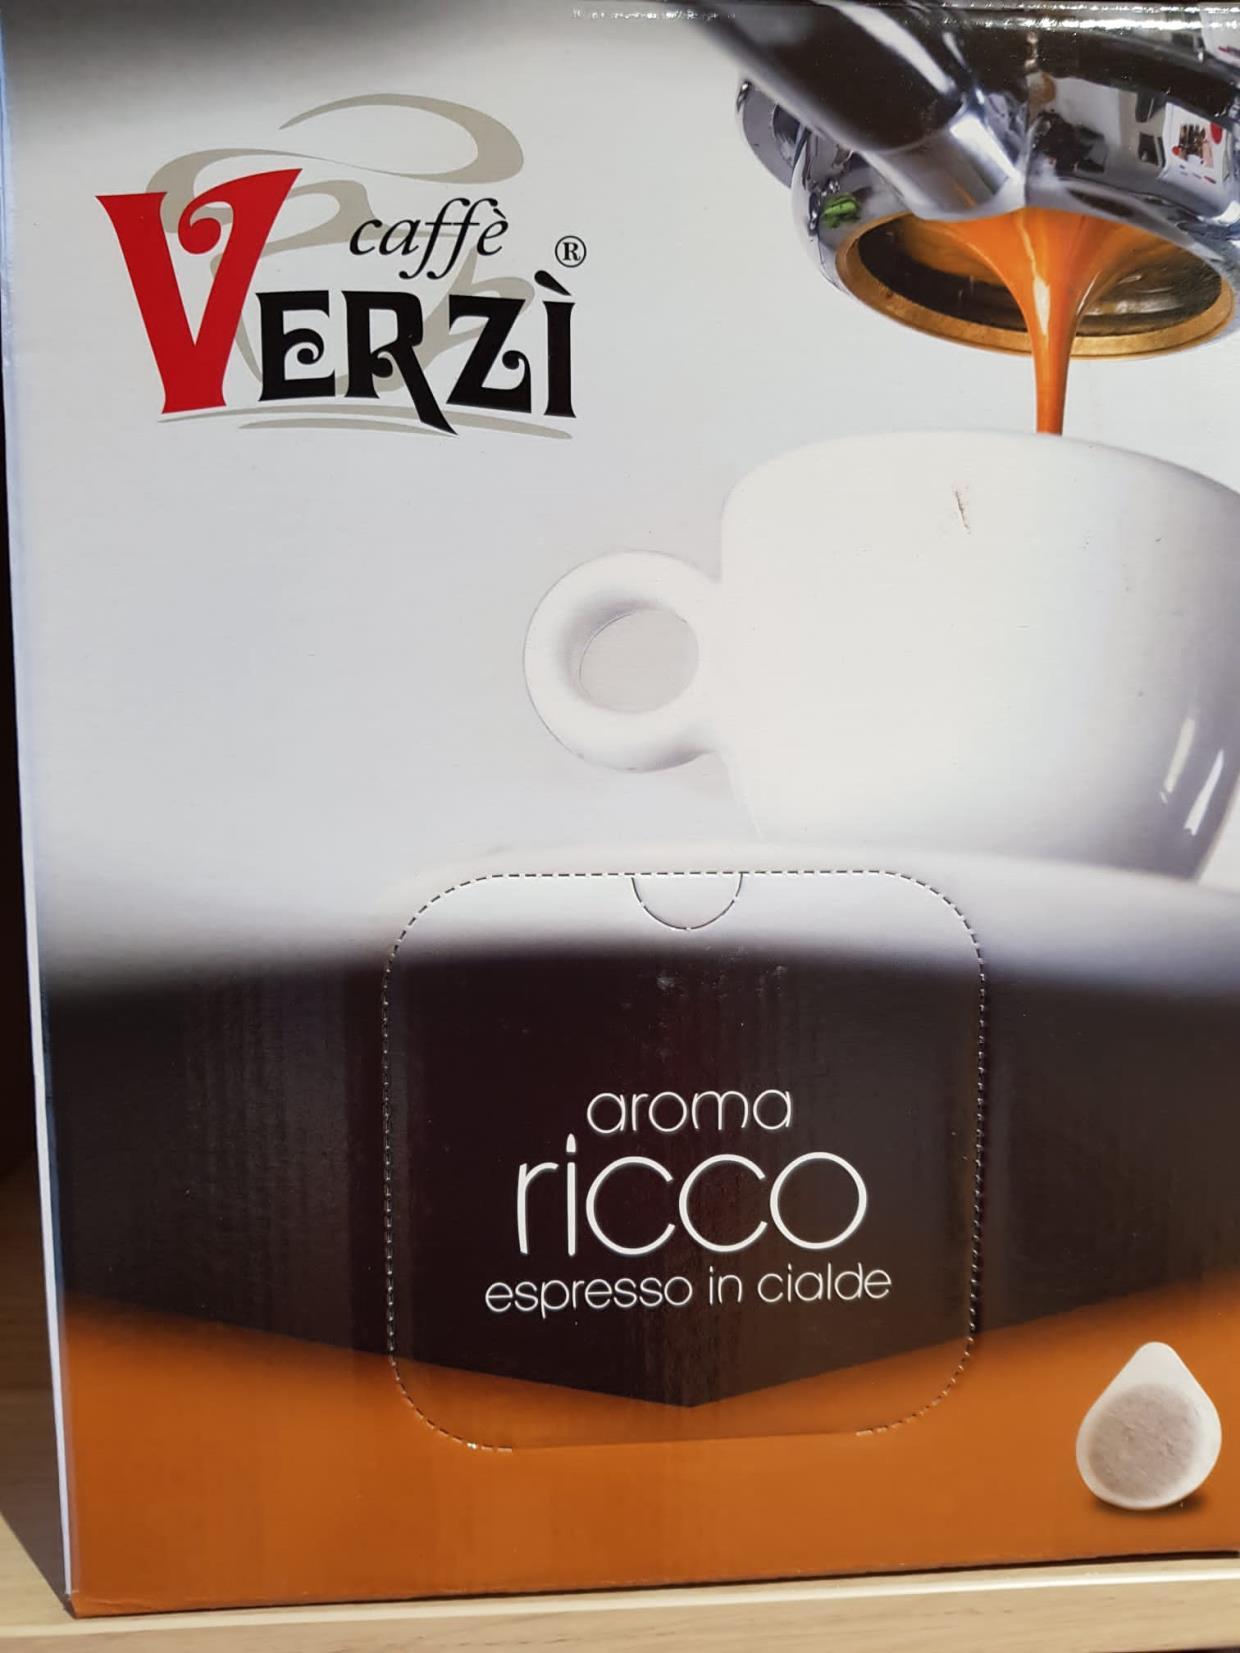 vendita caffè verzì